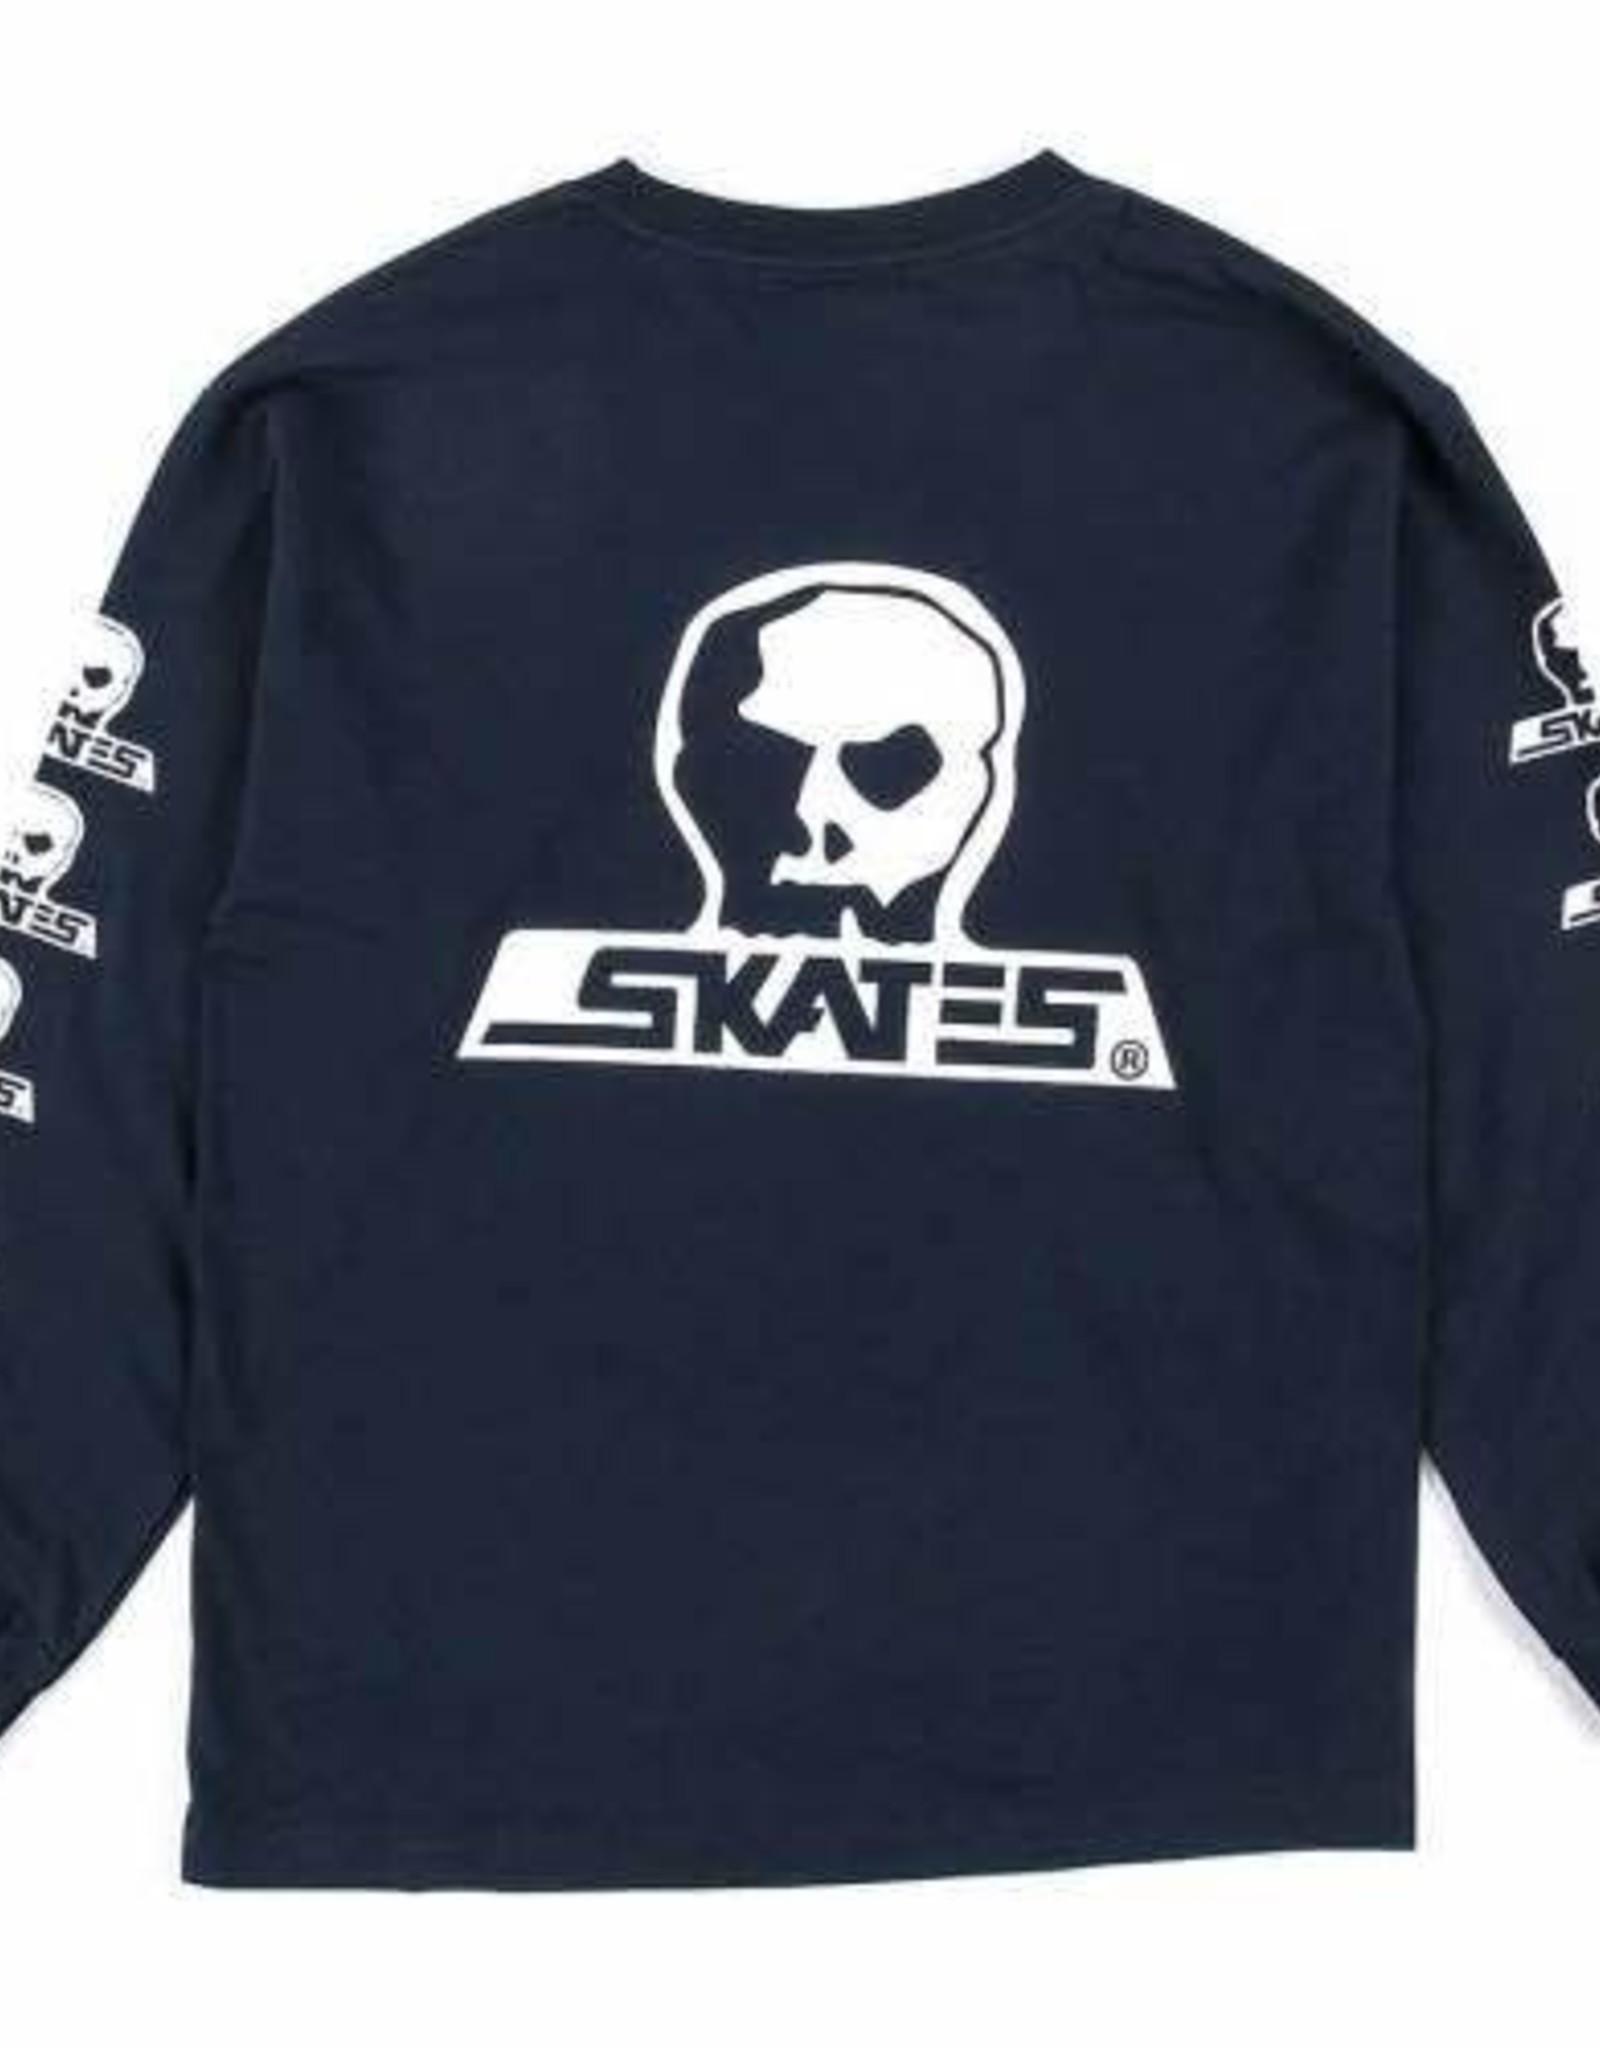 Skull Skates SKULL L/S T-SHIRT SKULL LOGO NAVY MOONSET